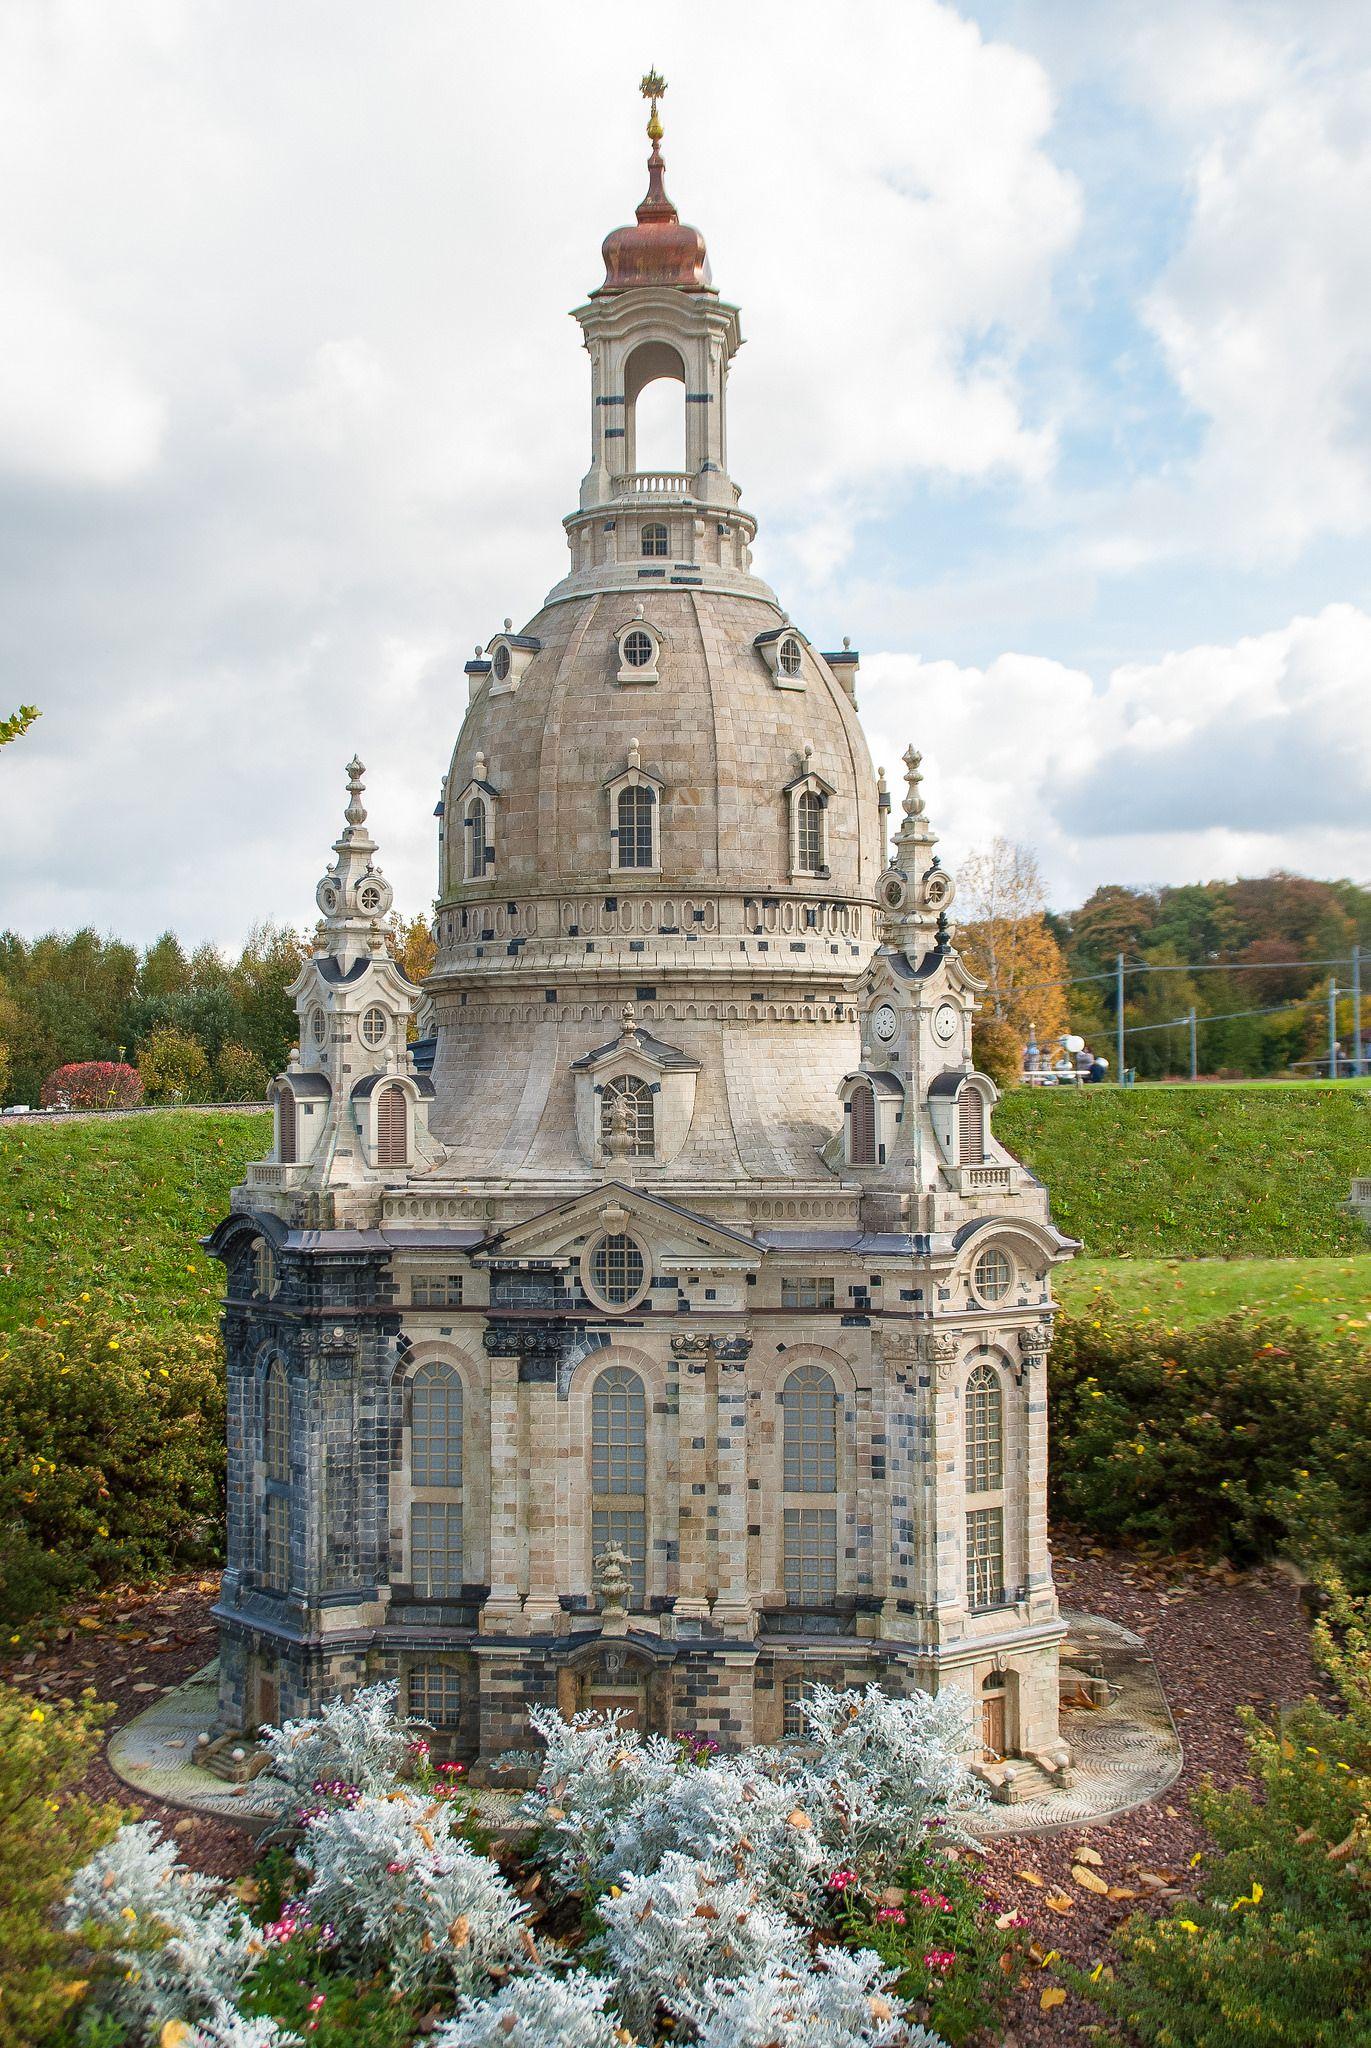 Dresden Frauenkirche Als Modell In Der Miniaturwelt Lichtenstein In Sachsen Barcelona Cathedral Cathedral Landmarks